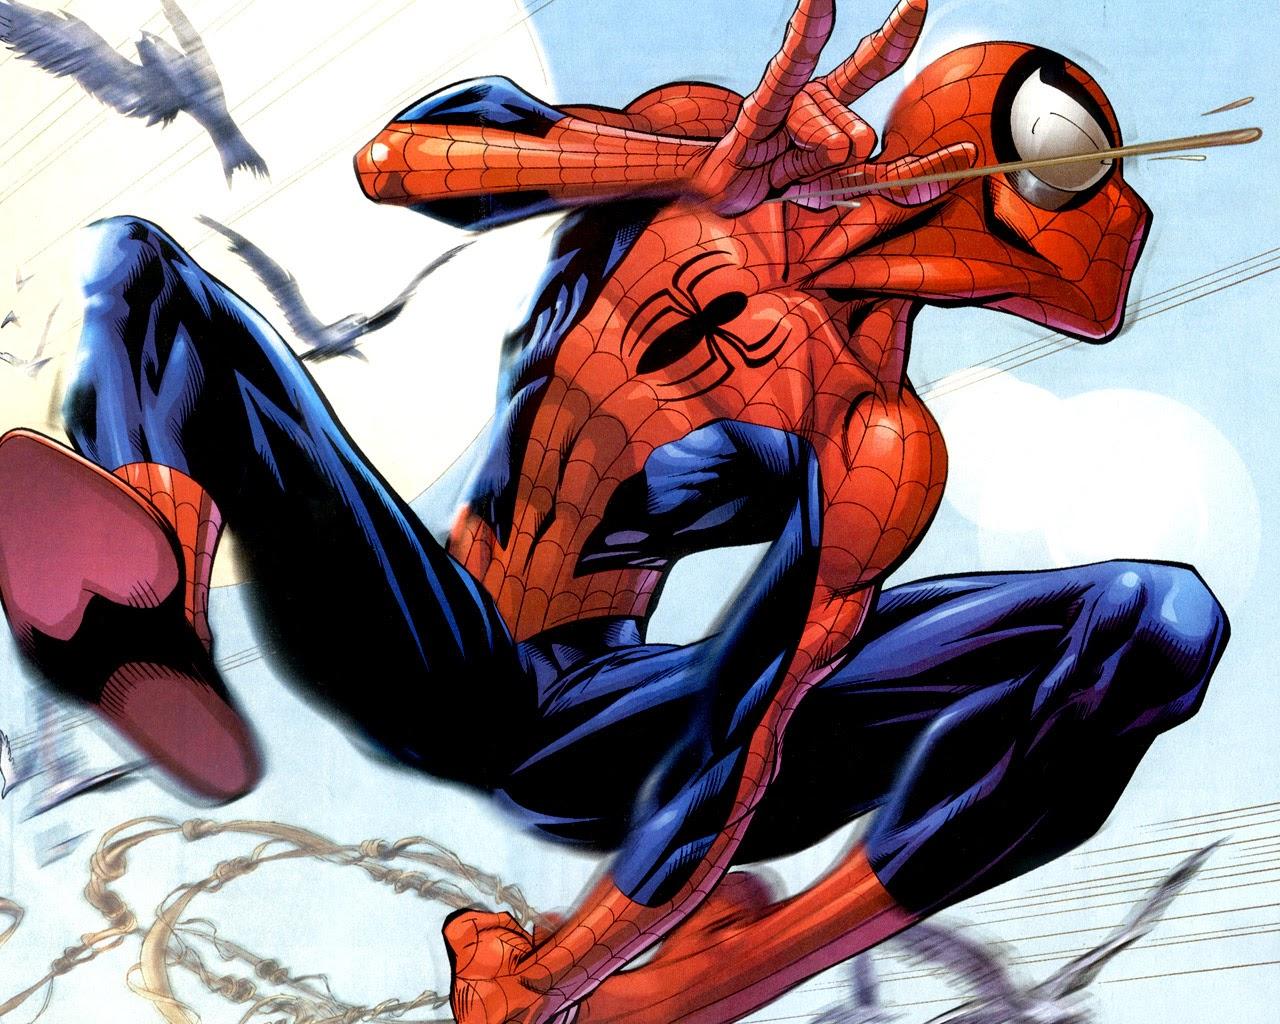 gambar spiderman 3 - photo #12